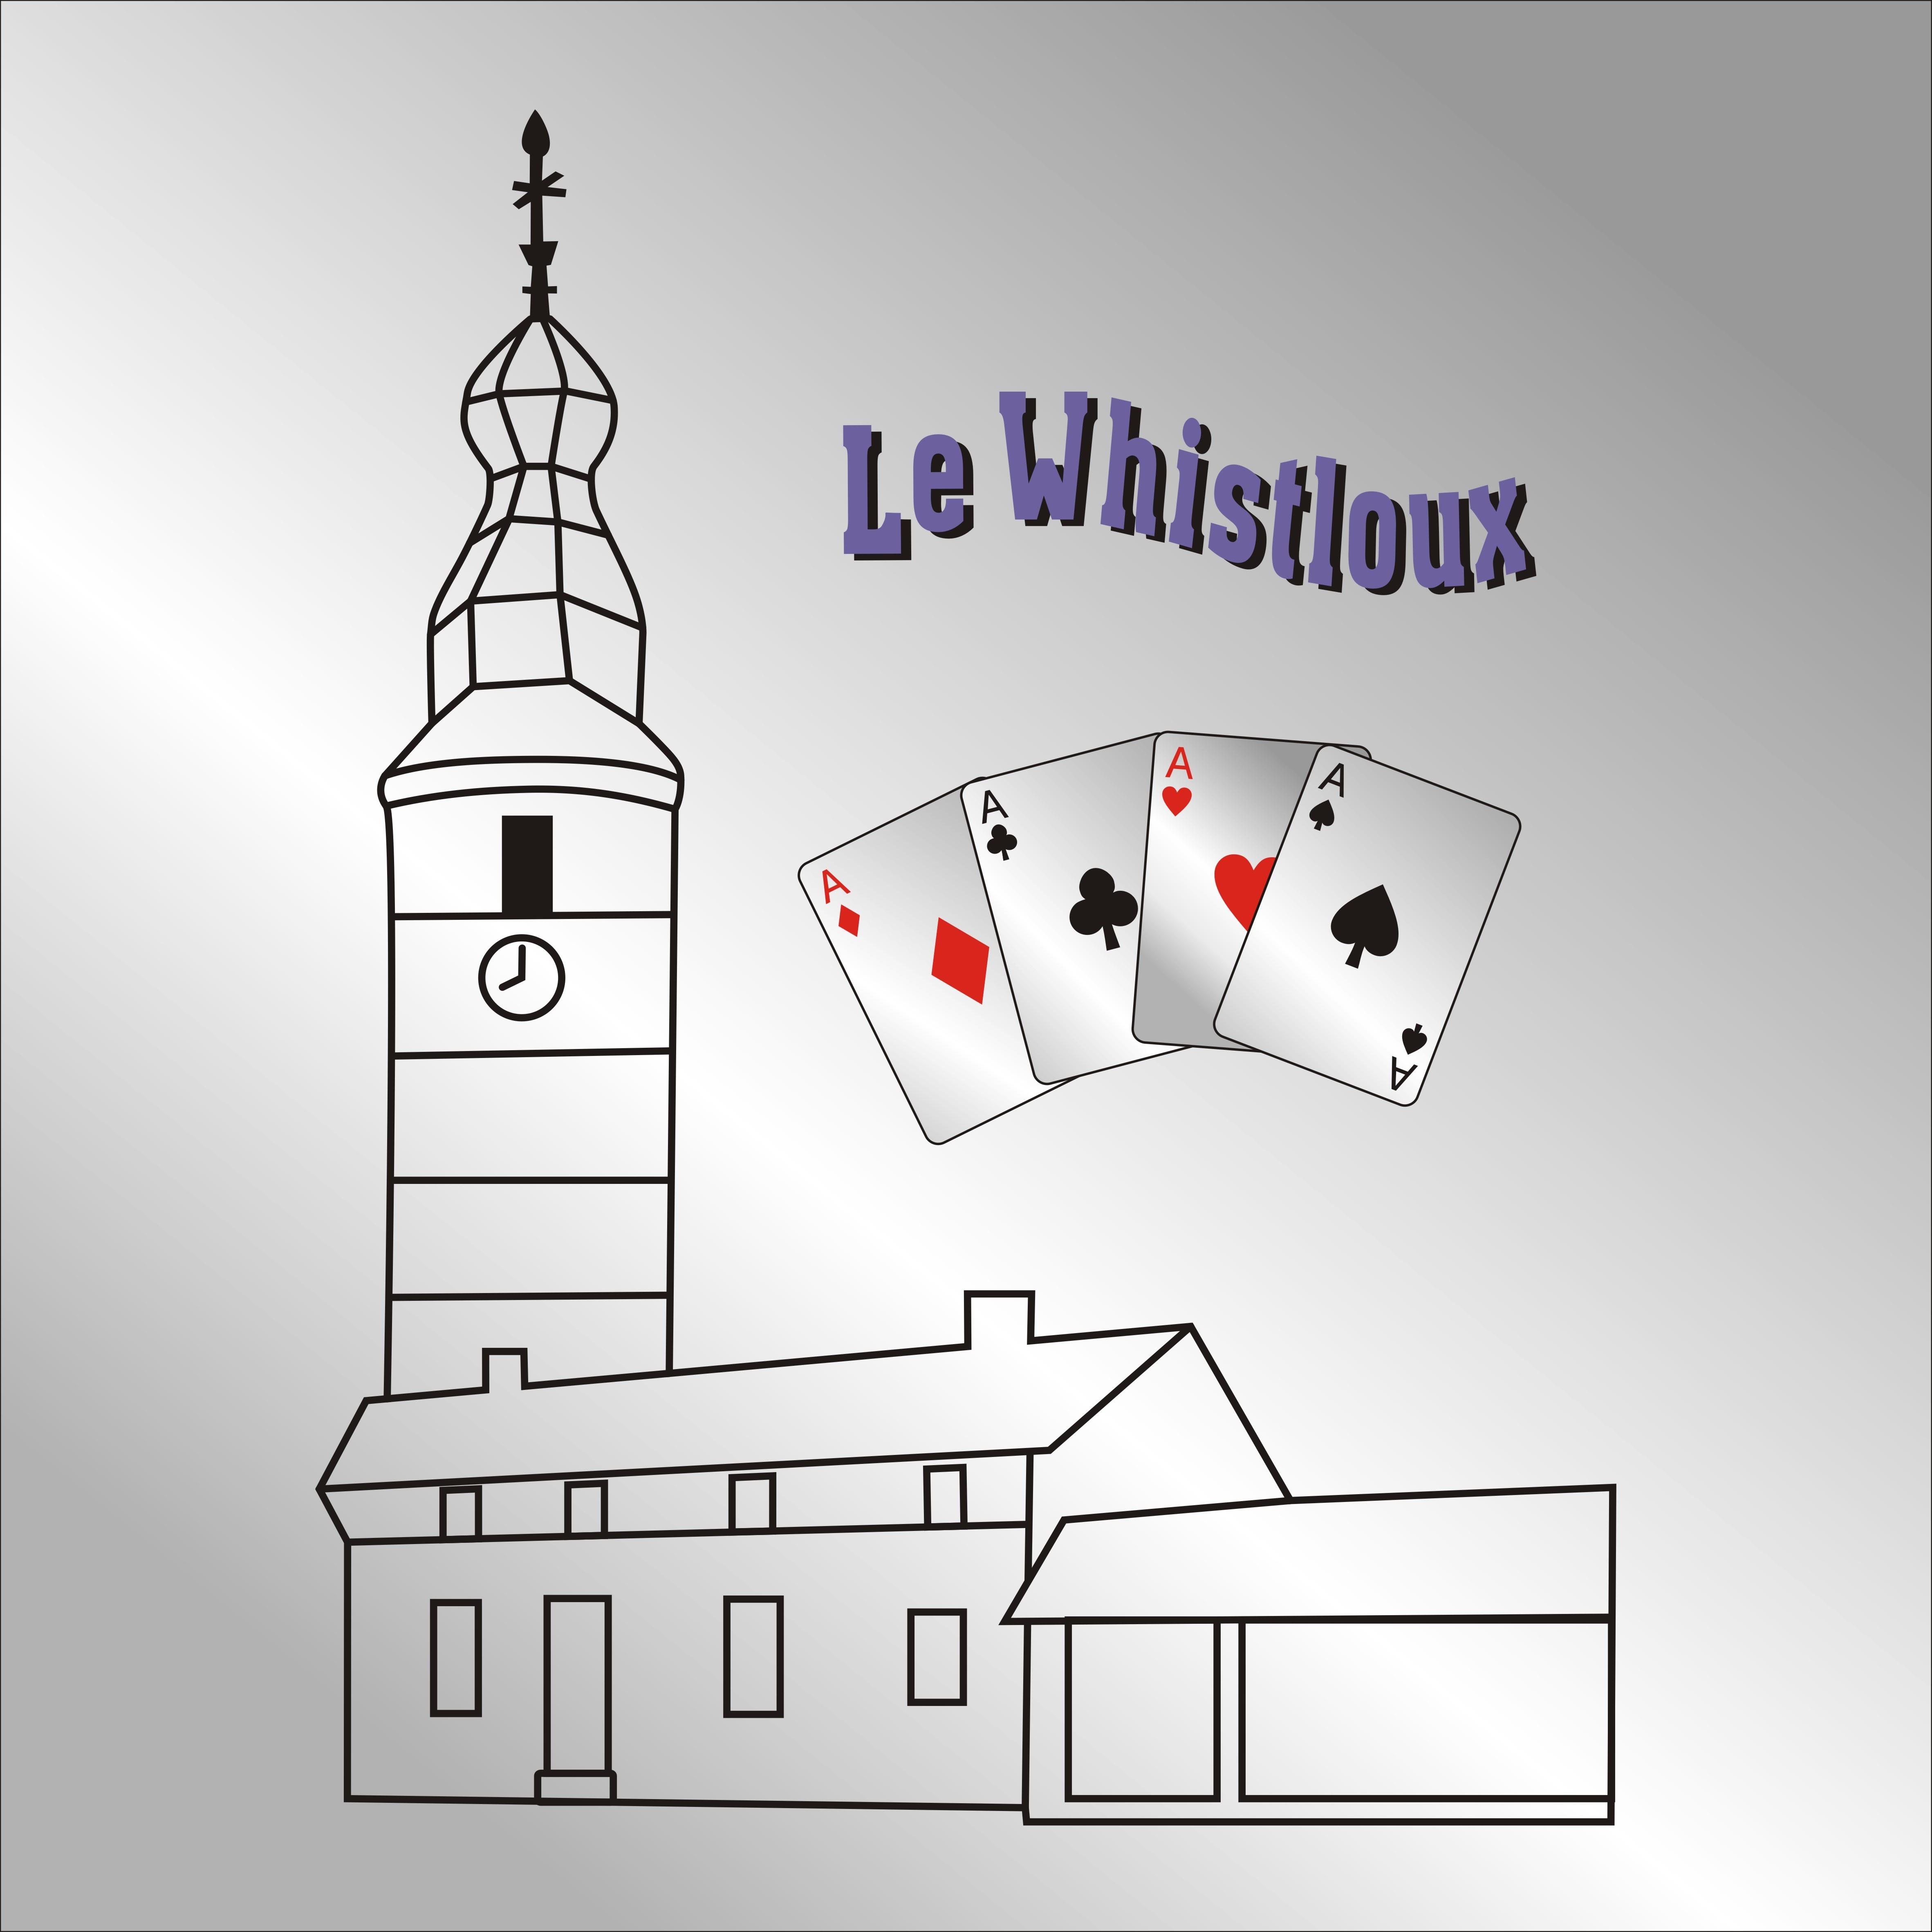 Whistloux-logo